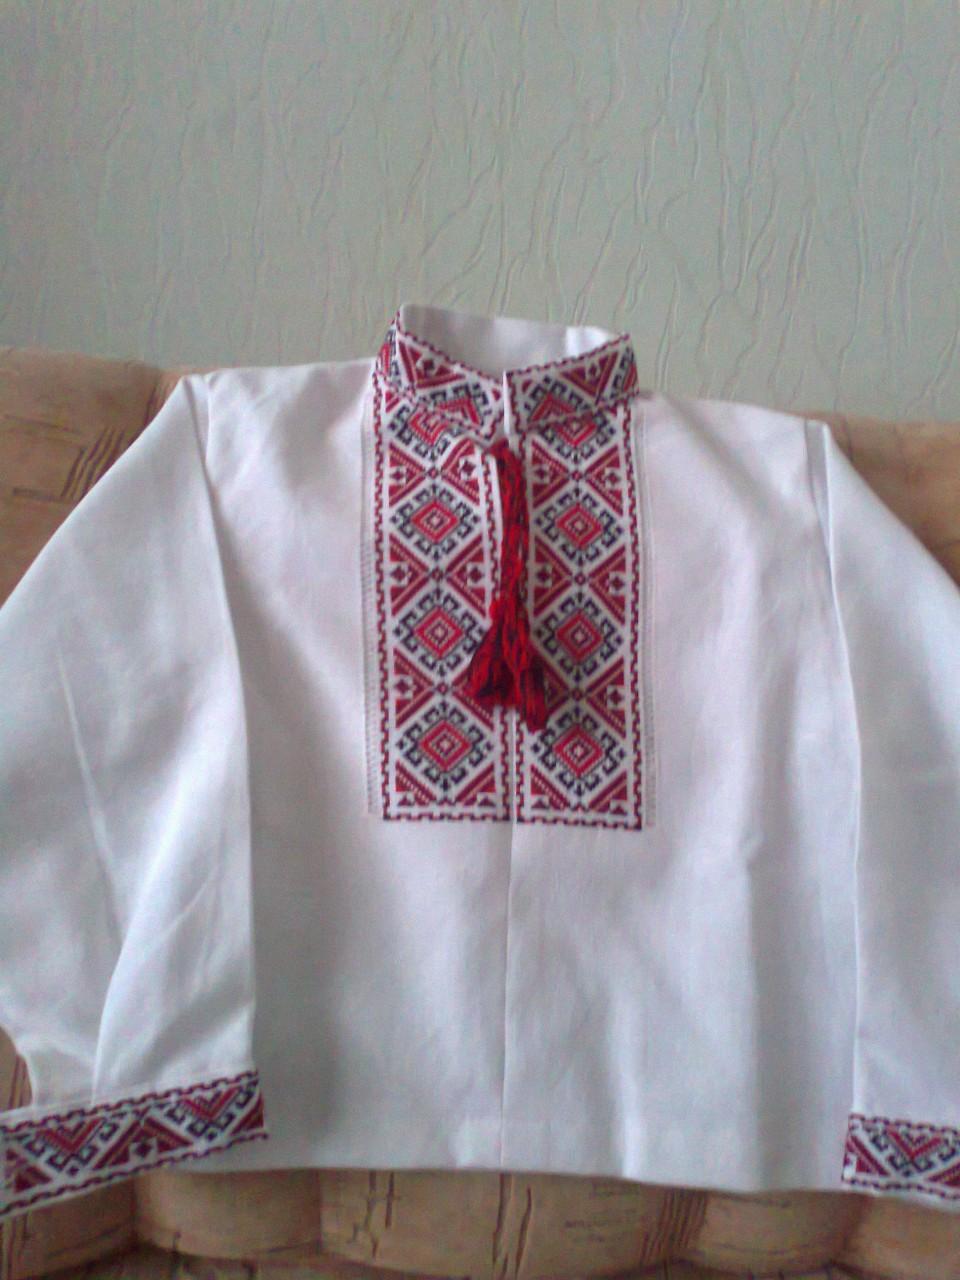 Украинская вышиванка своими руками. Фото, видео, схемы и узоры 37